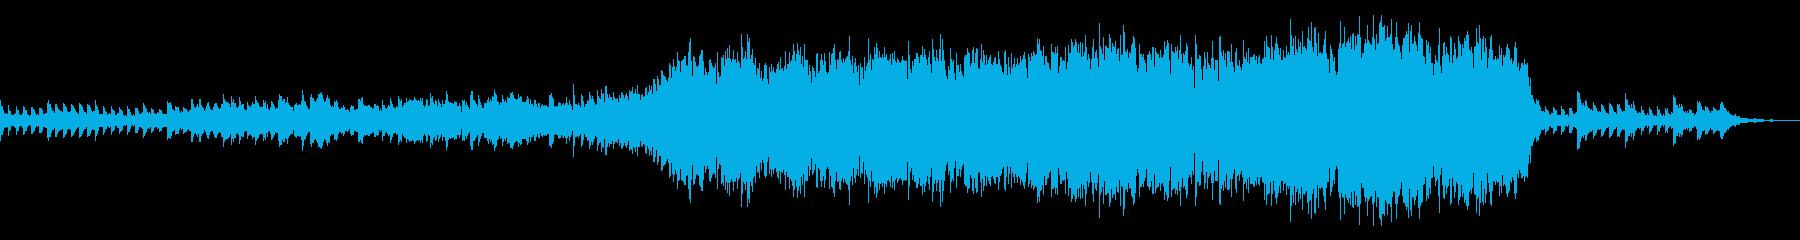 【エピックトレイラー】壮大・感動的の再生済みの波形